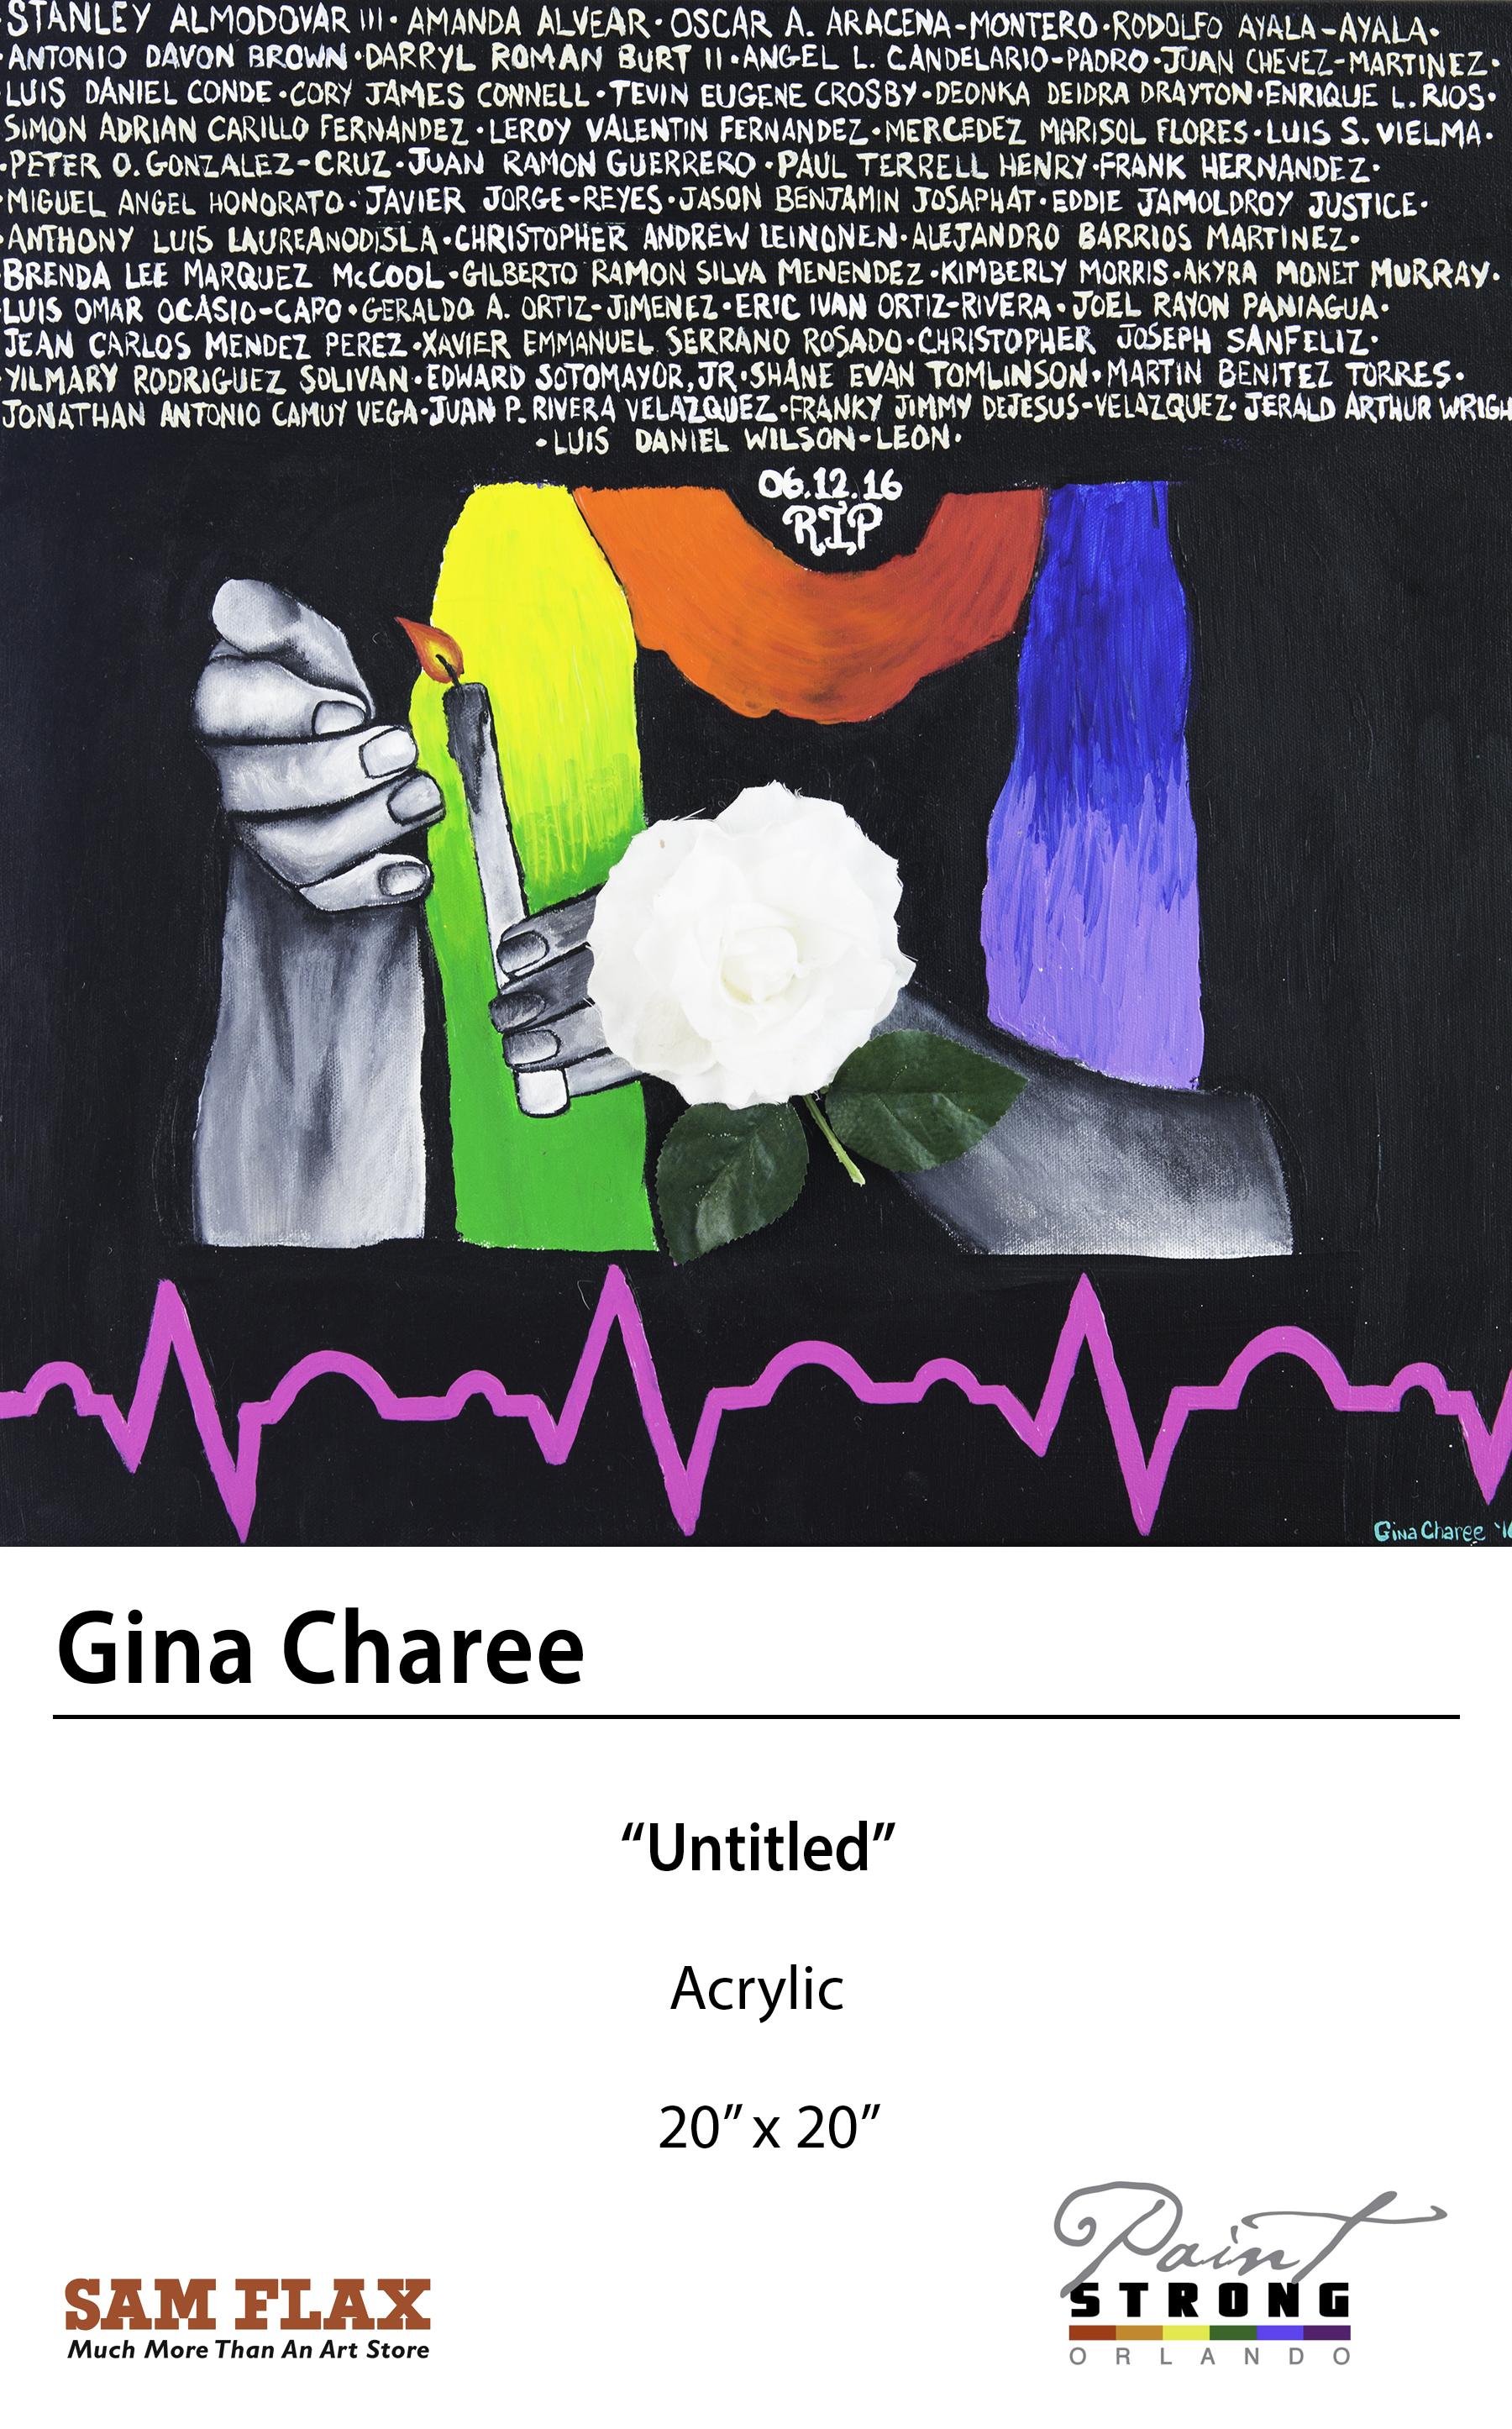 Gina Charee